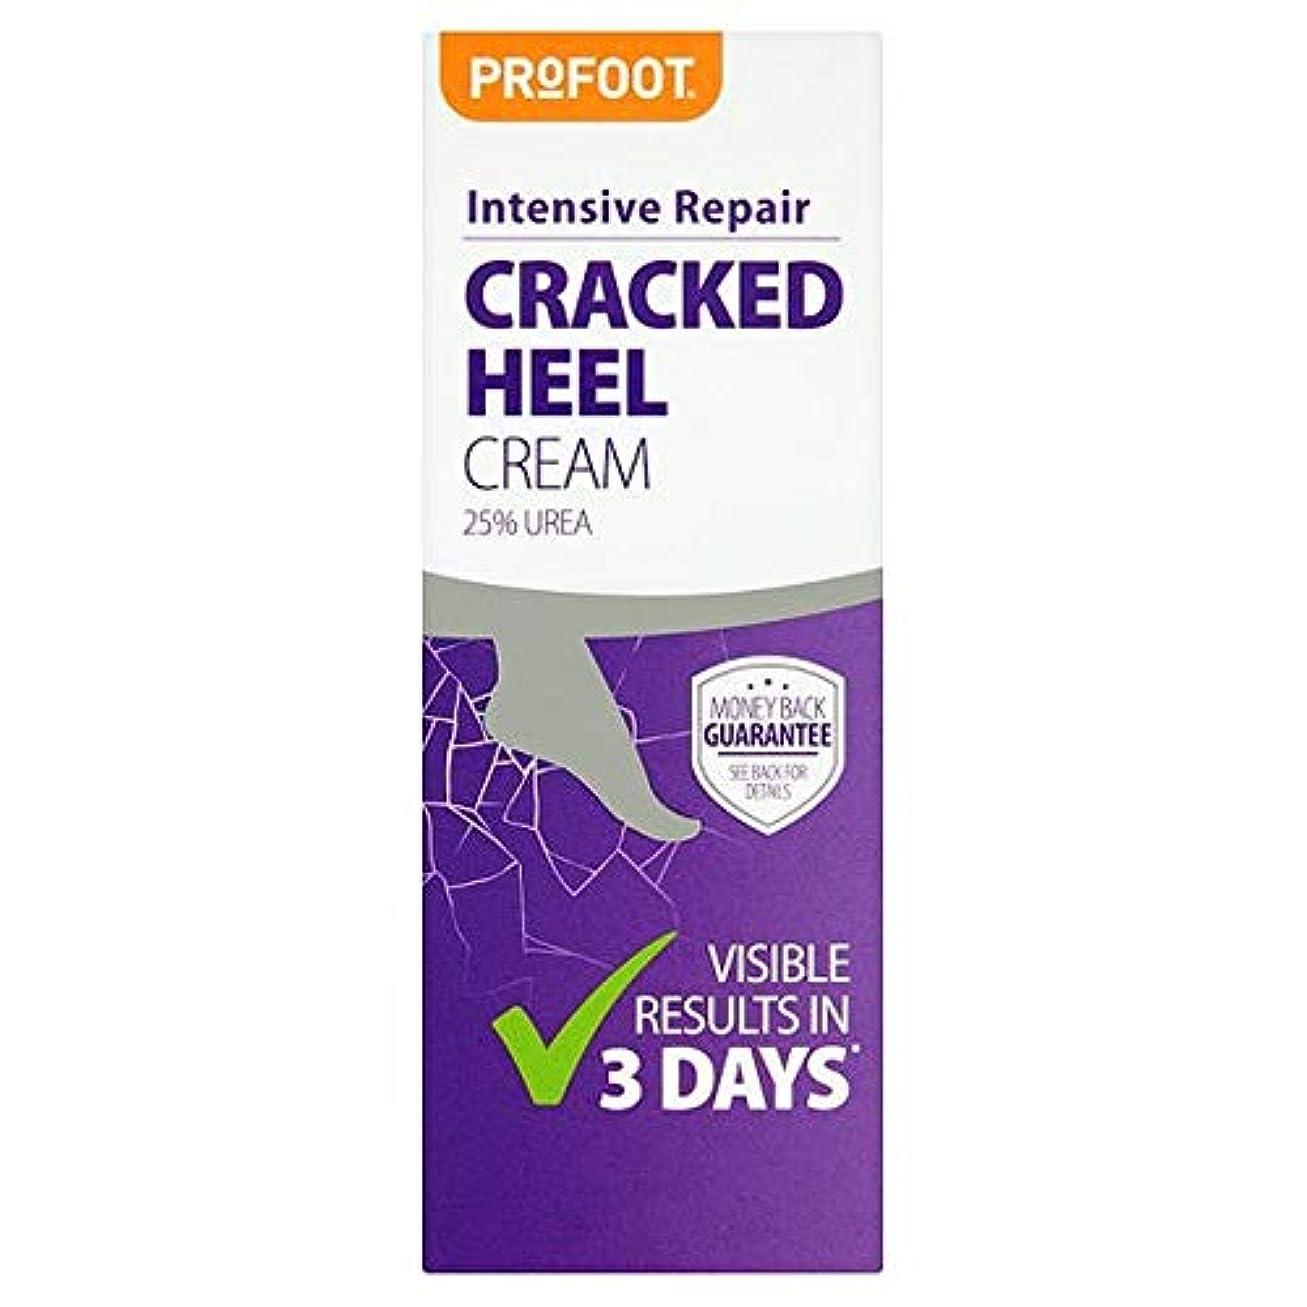 アルカイック熟練した分離する[Profoot] Profootひび割れかかとクリーム60ミリリットル - Profoot Cracked Heel Cream 60Ml [並行輸入品]